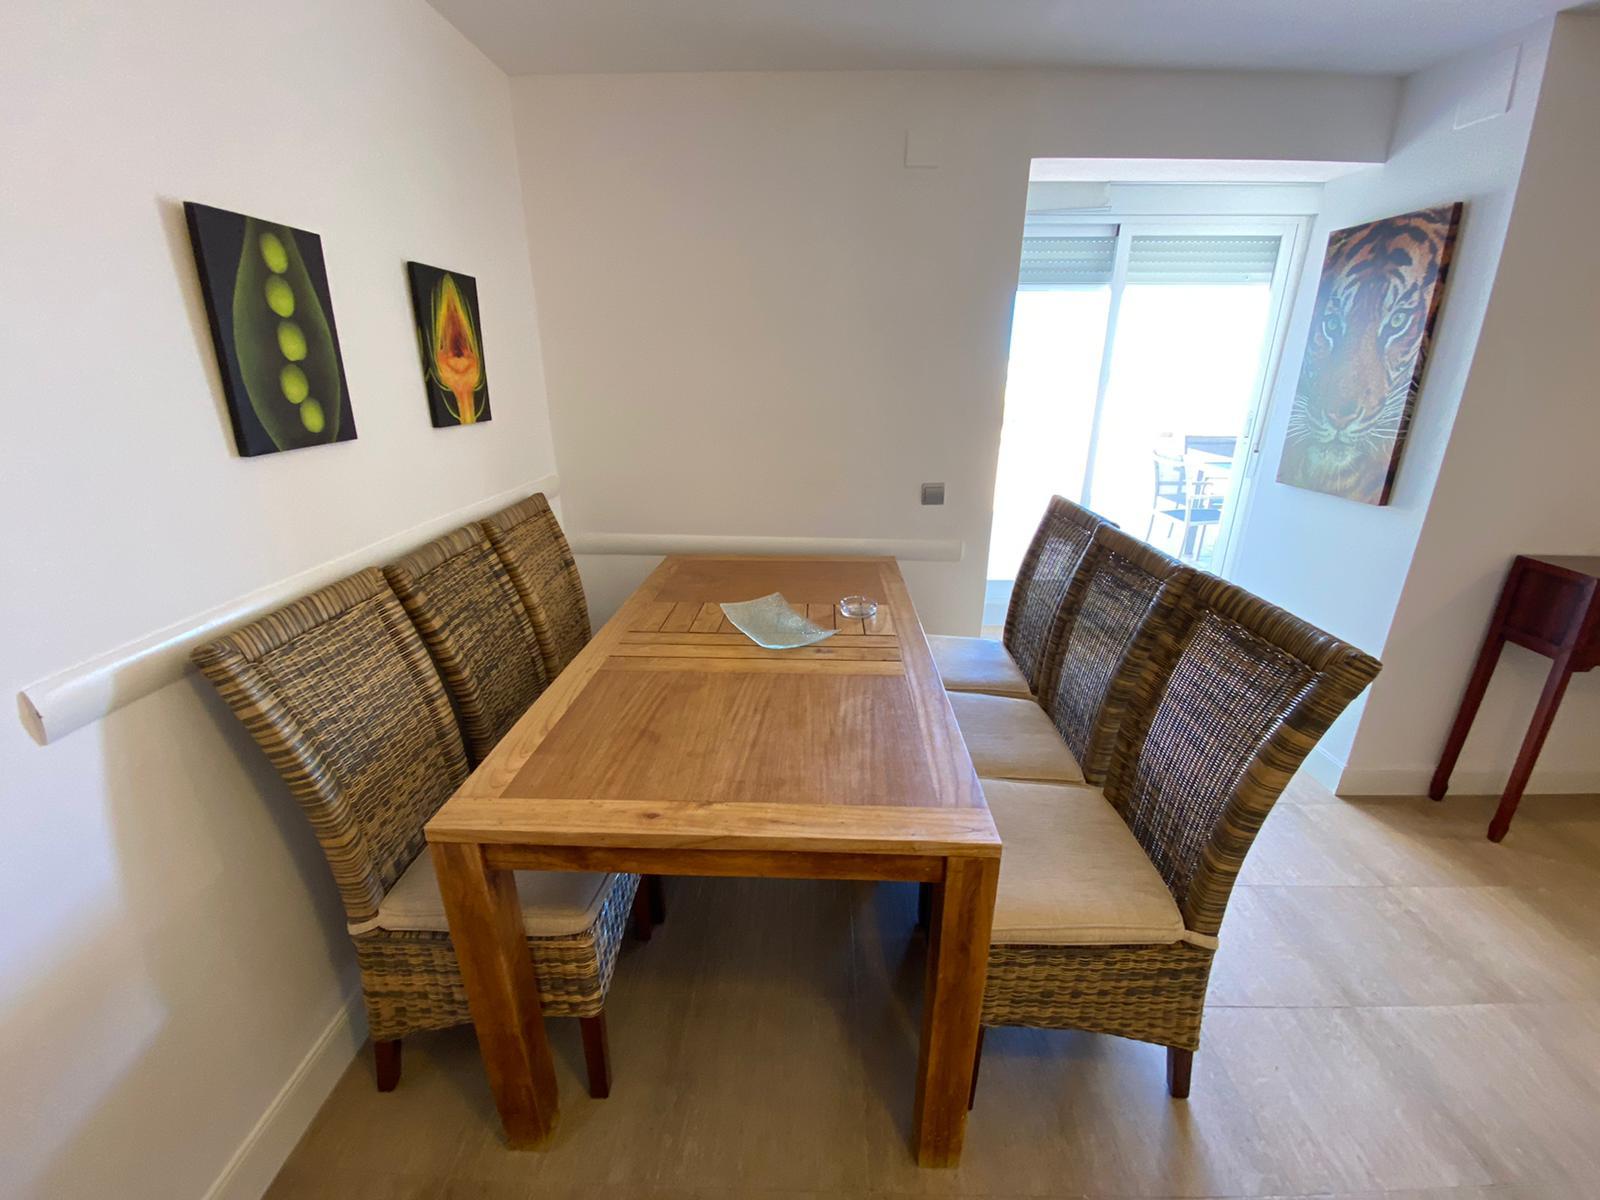 Imagen 6 del Apartamento Turístico, Ático 8 Poniente (3d+2b), Punta del Moral (HUELVA), Paseo de la Cruz nº22